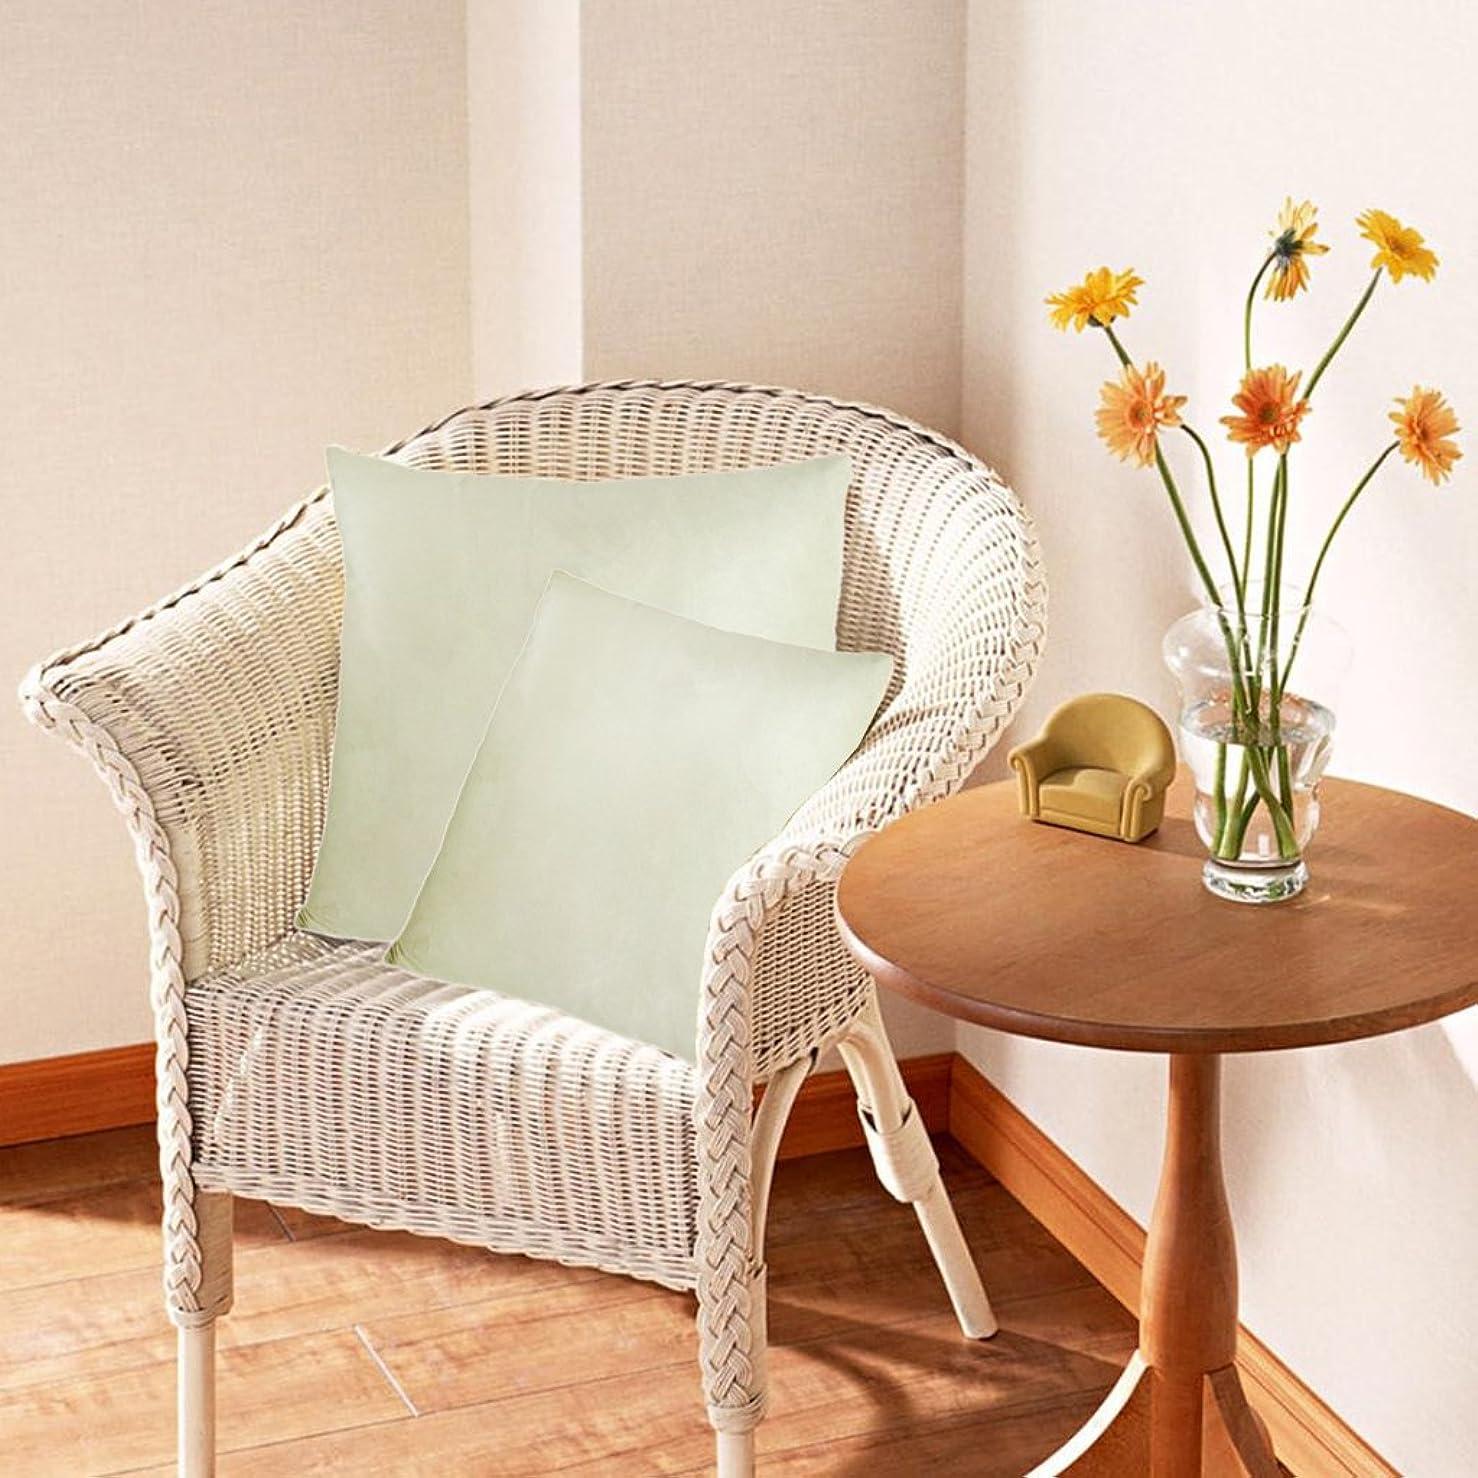 弾丸仲間、同僚隣人クッションカバー 抱き枕カバー 装飾枕ケース ソファ 車 椅子用 飾り 約50×50cm 全20色 - クリーム